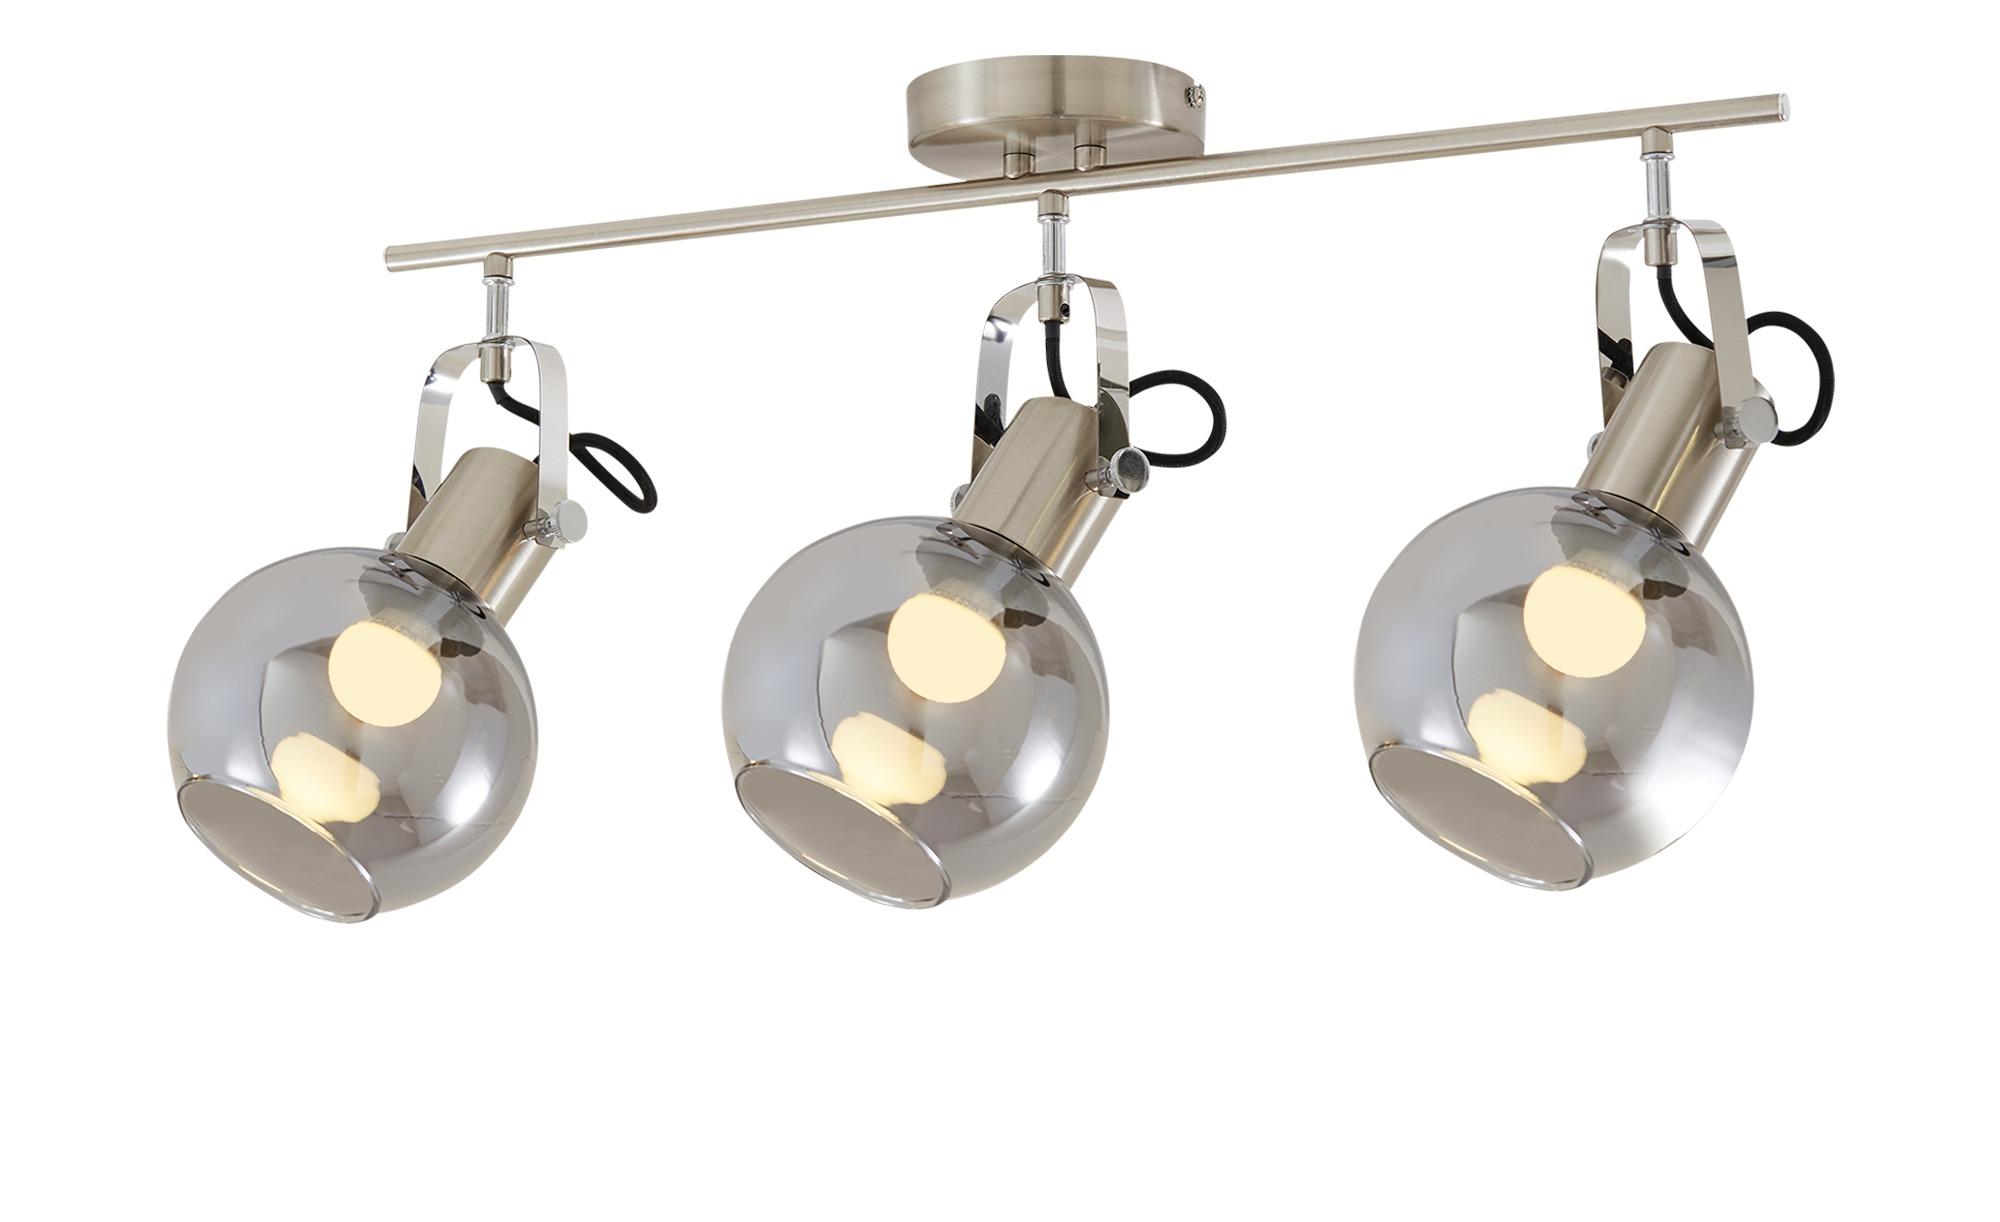 KHG Deckenleuchte, 3-flammig mit Rauchglas ¦ silber ¦ Maße (cm): B: 24,5 H: 23 Lampen & Leuchten > Innenleuchten > Deckenleuchten - Höffner